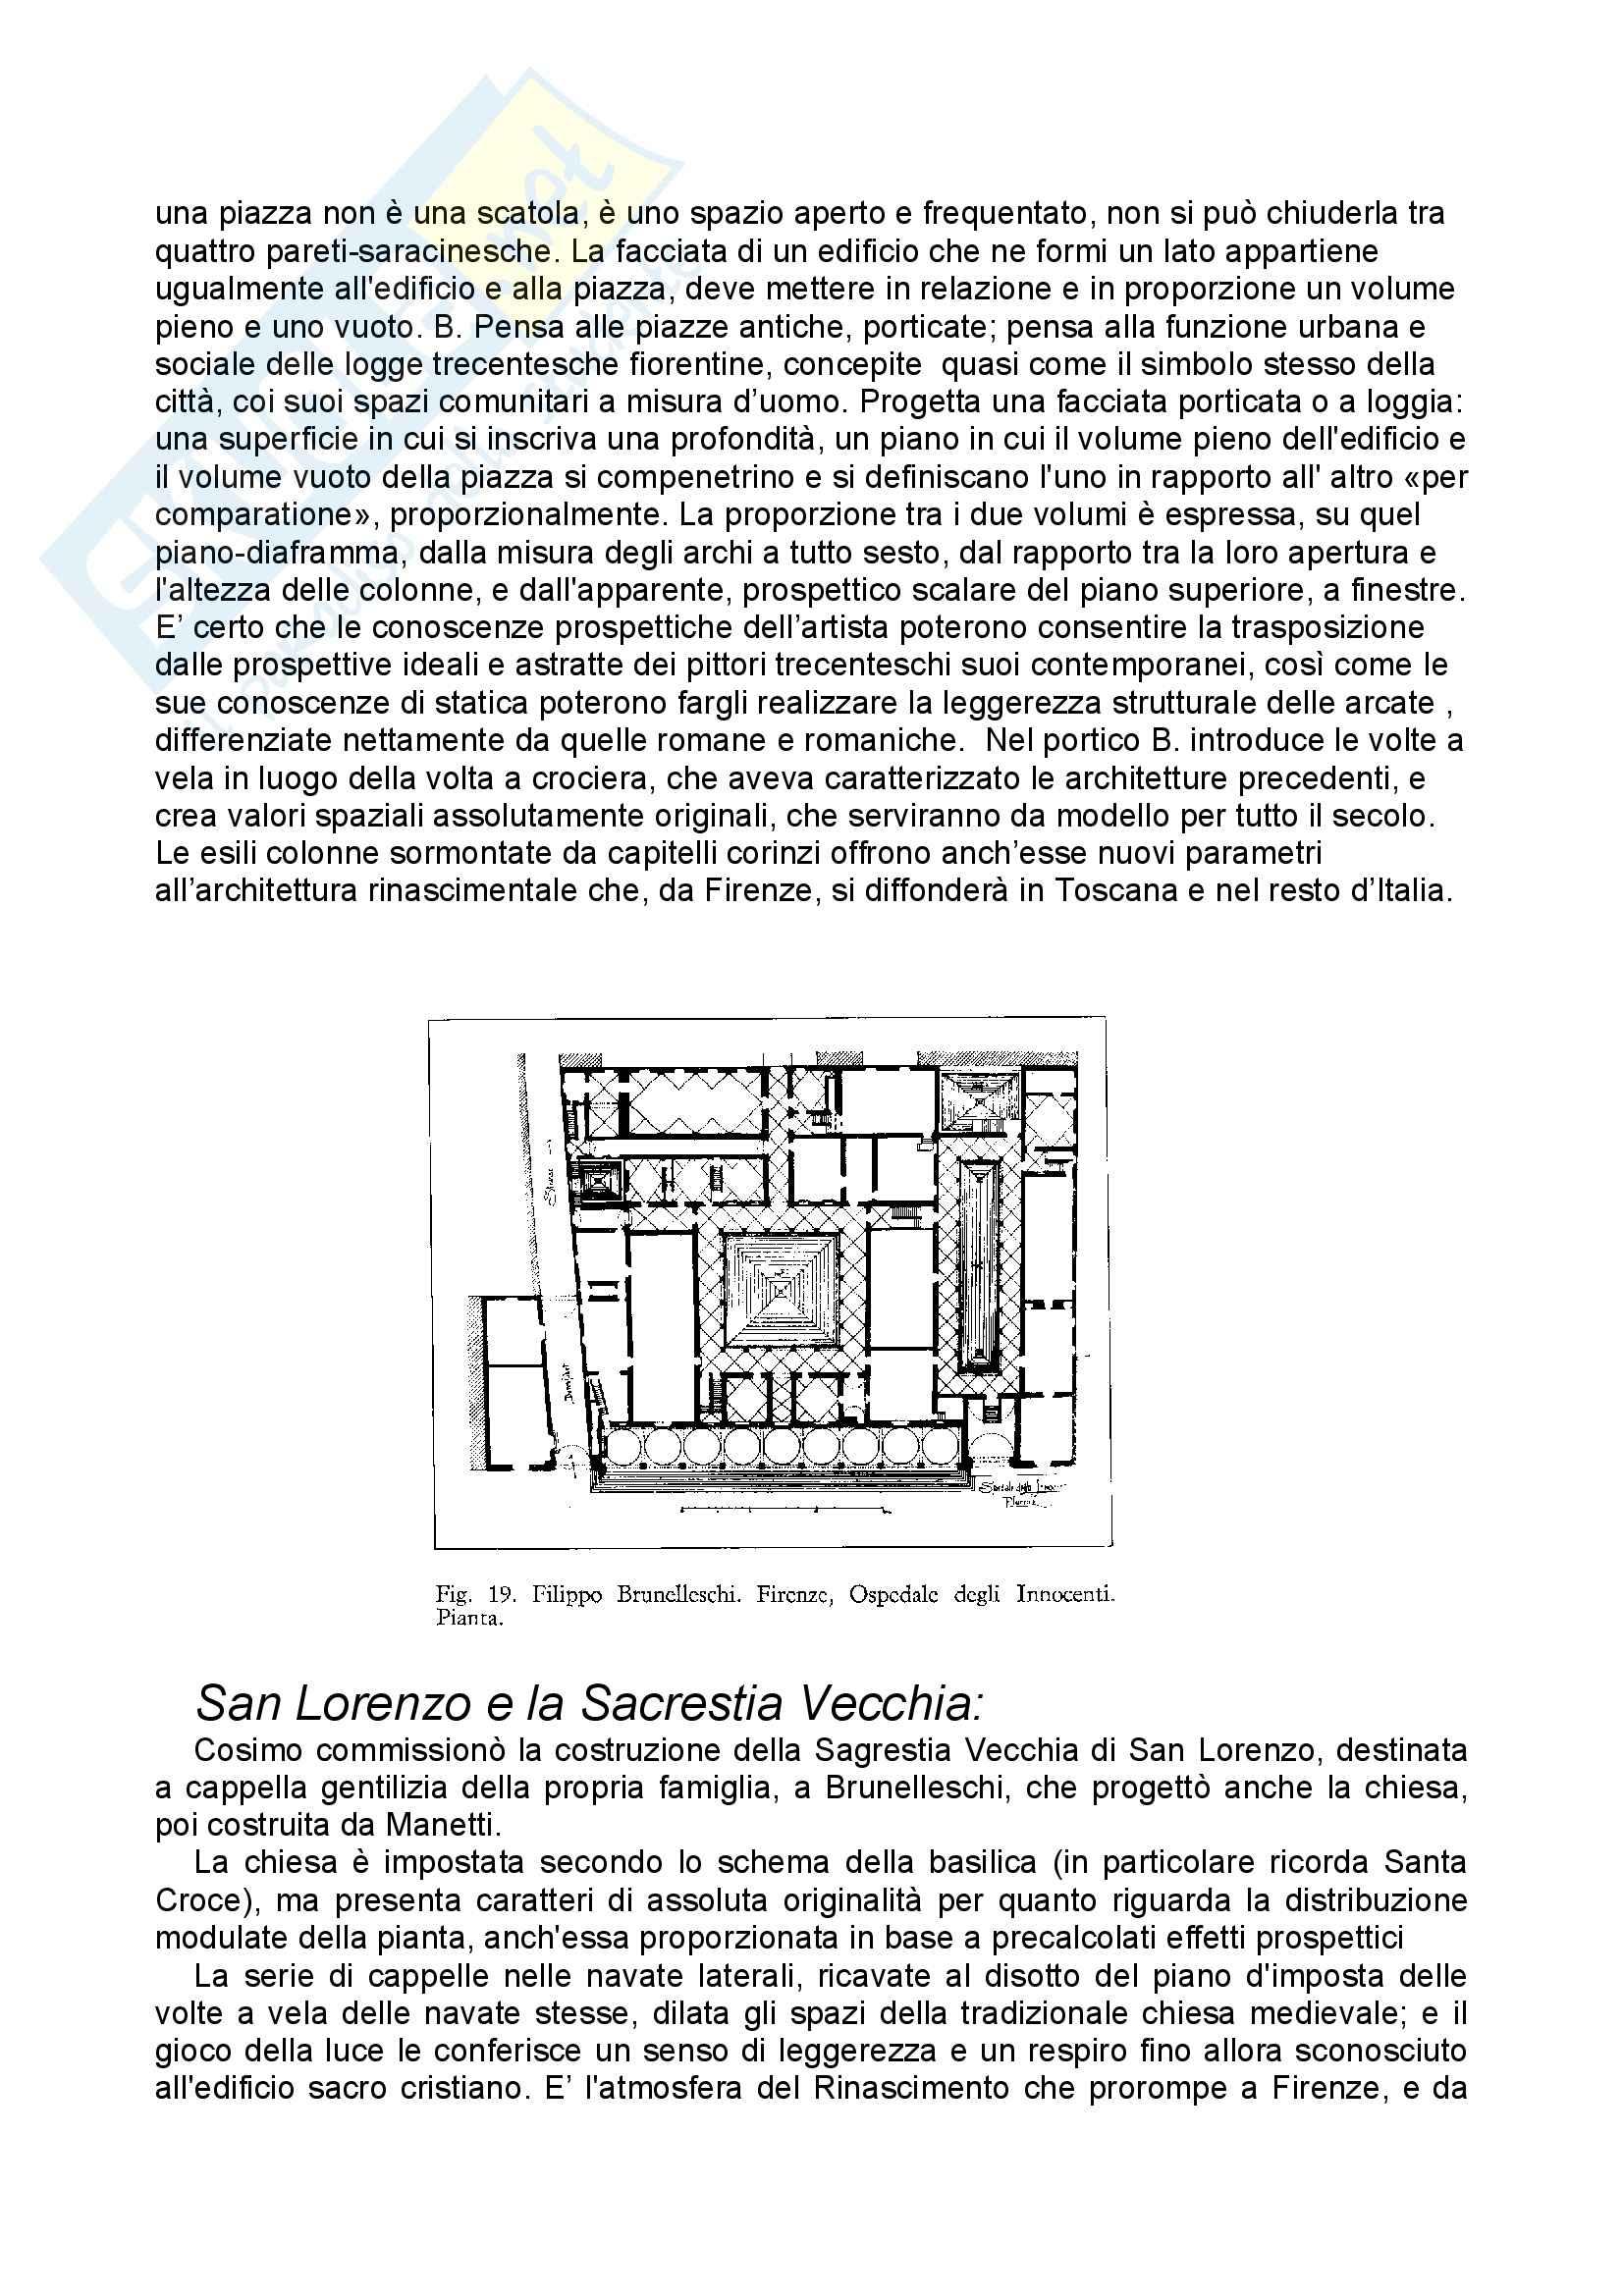 Storia dell'architettura moderna - la cupola del Brunelleschi - Appunti Pag. 2